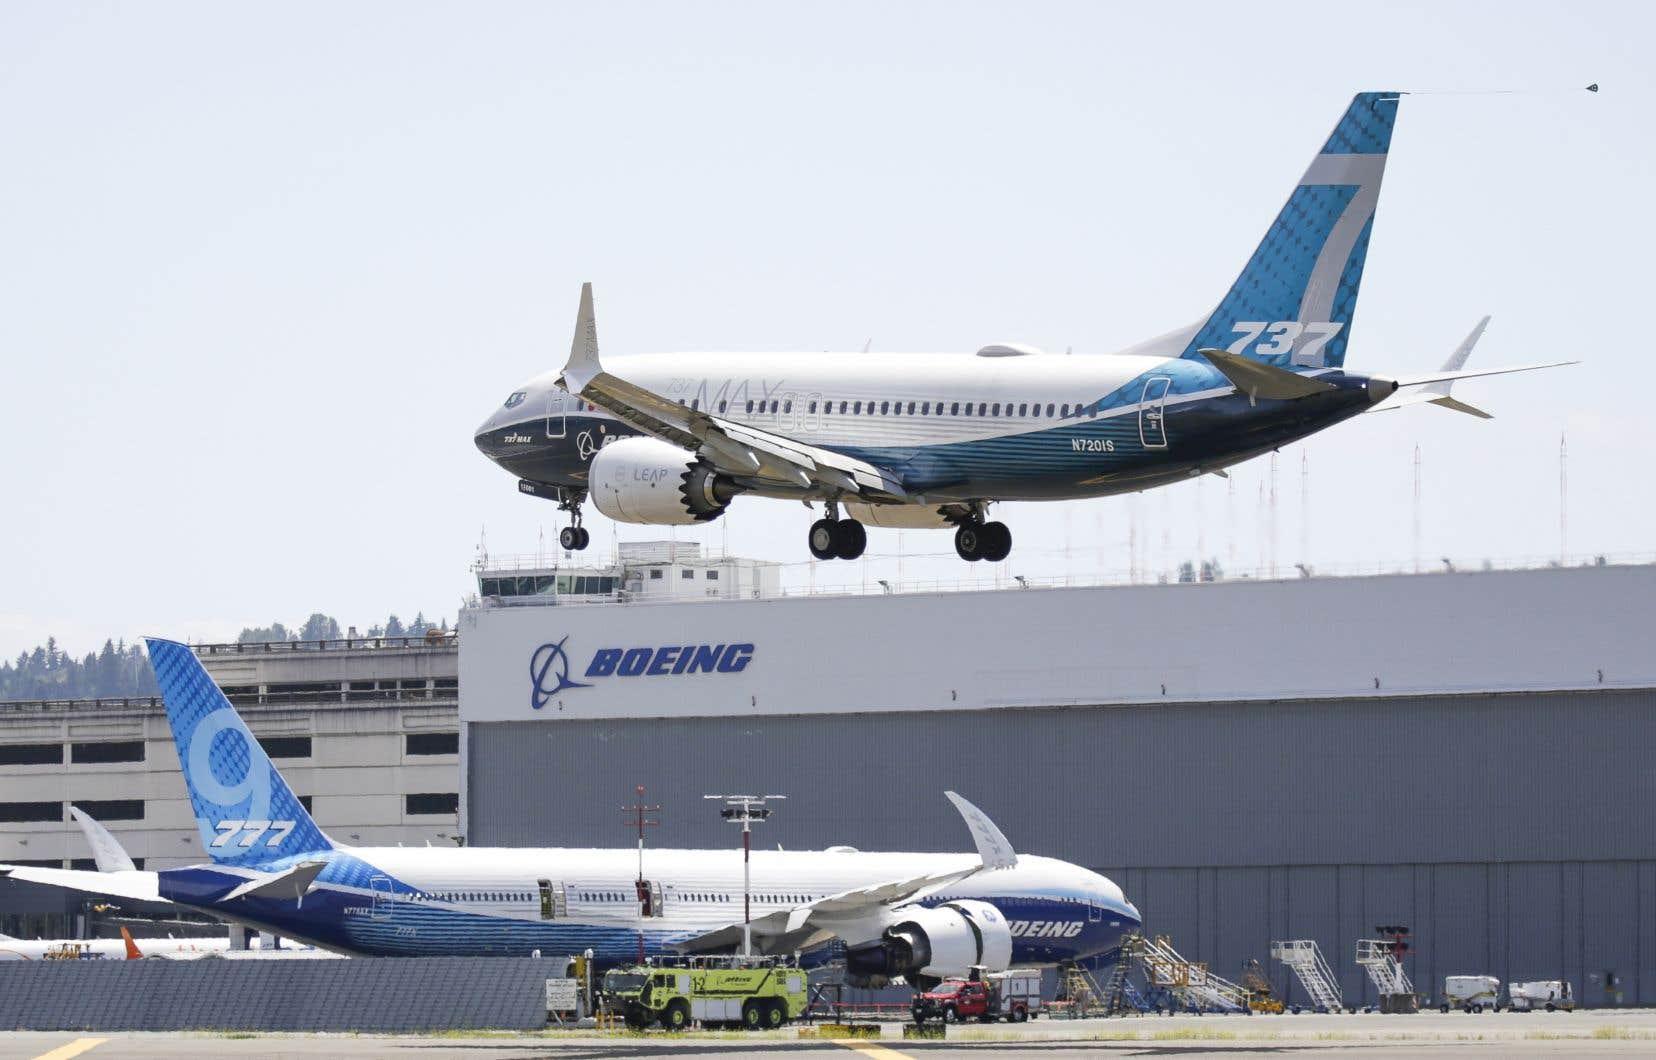 Le rapport met en avant cinq thèmes, à commencer par la forte pression financière exercée sur Boeing et le programme du 737 MAX pour faire vite, afin de mieux concurrencer l'Airbus A320 Neo.